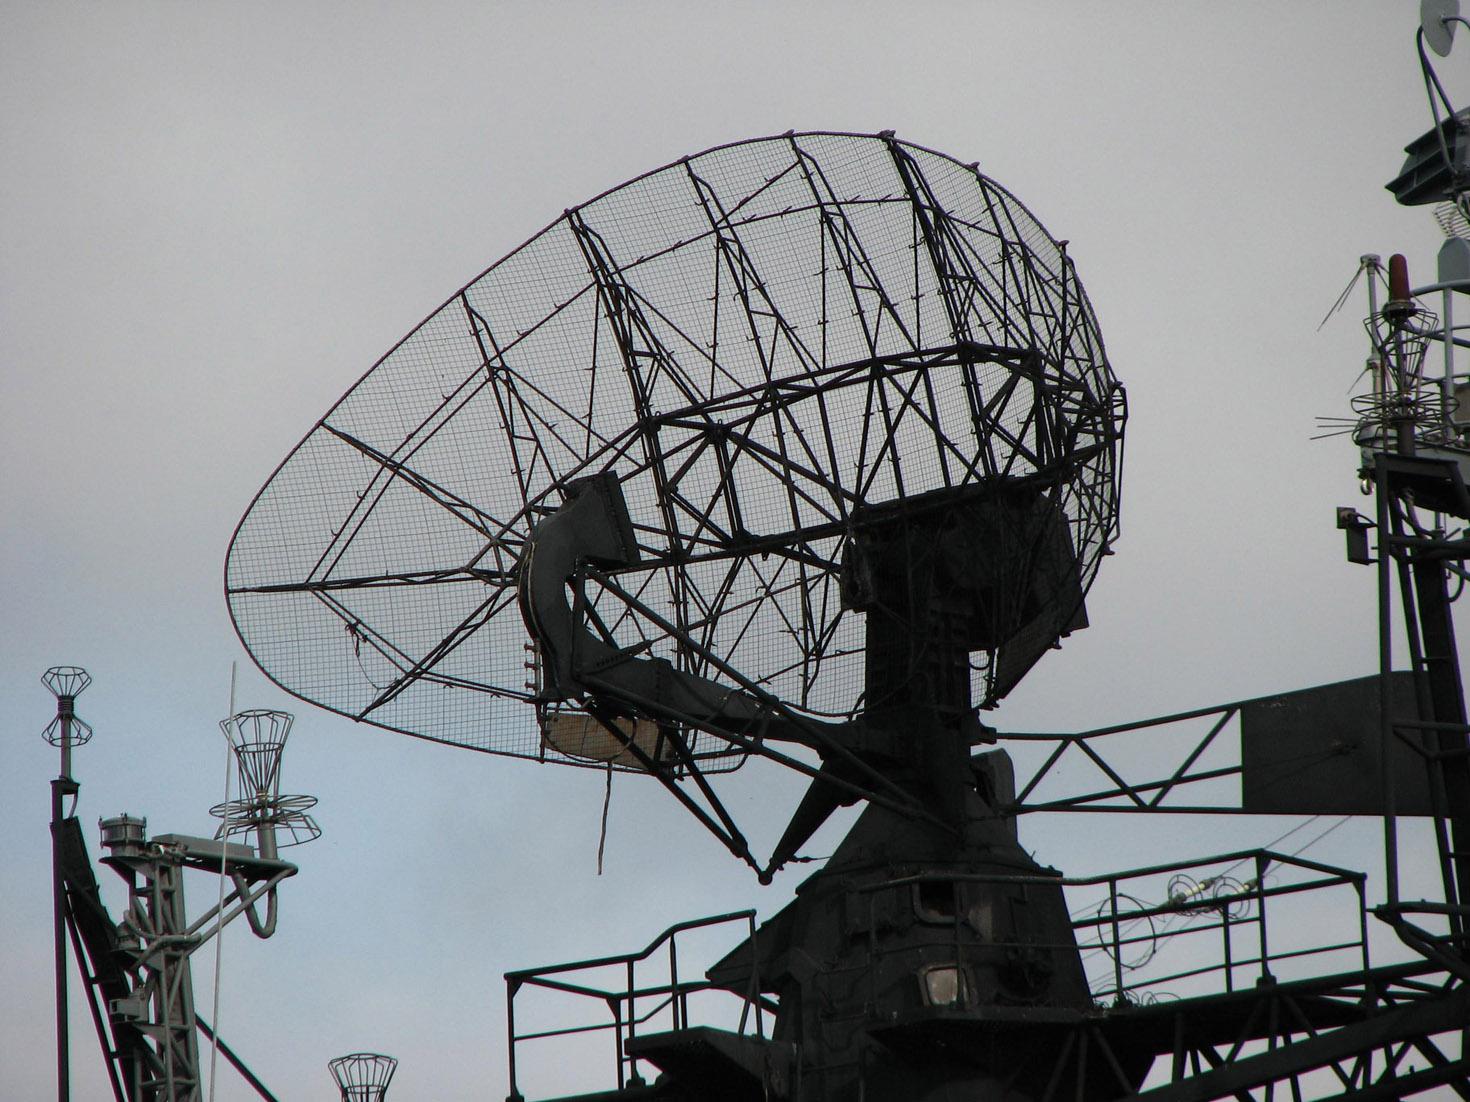 чертежи исхемы одиннадцати элементной децииетровой антенны волновой канал